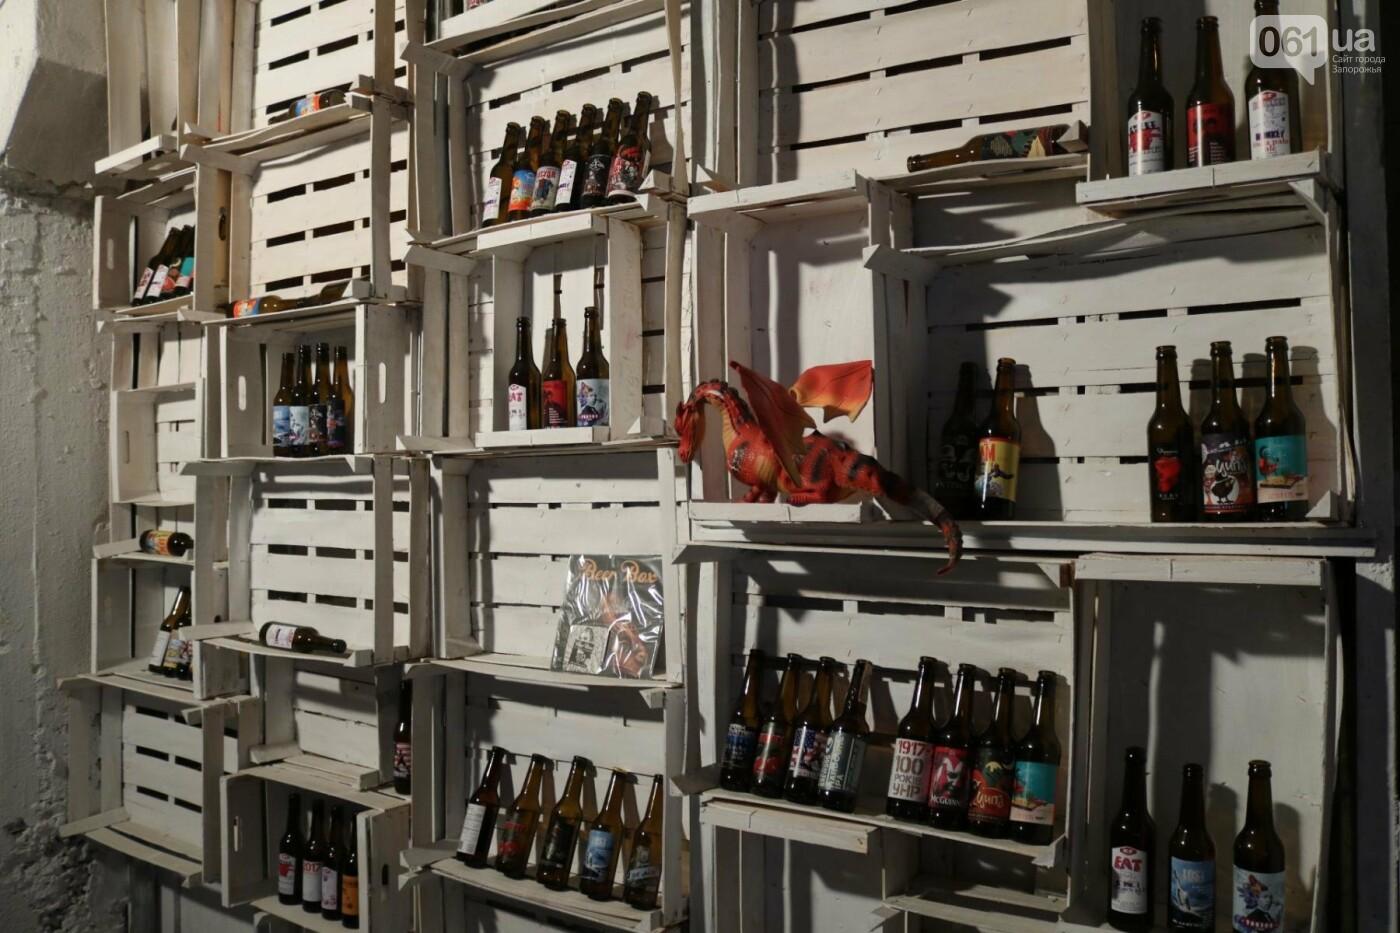 Как в Запорожье проходит фестиваль крафтового пива, - ФОТОРЕПОРТАЖ , фото-20